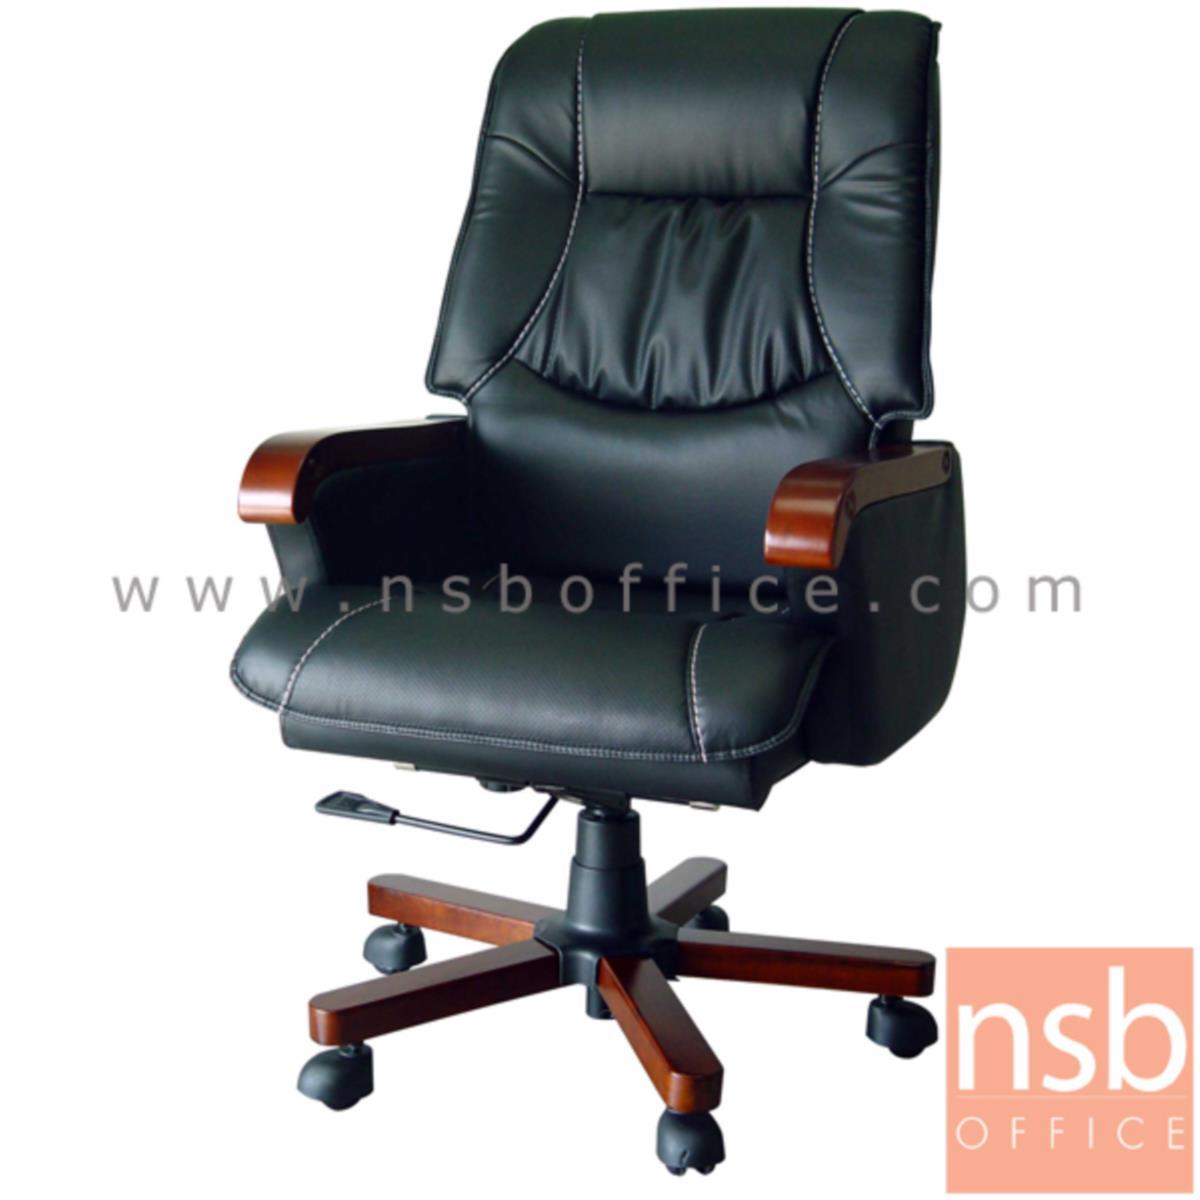 เก้าอี้ผู้บริหารหนัง PU รุ่น Guardi (กวาร์ดี)   โช๊คแก๊ส ขาไม้